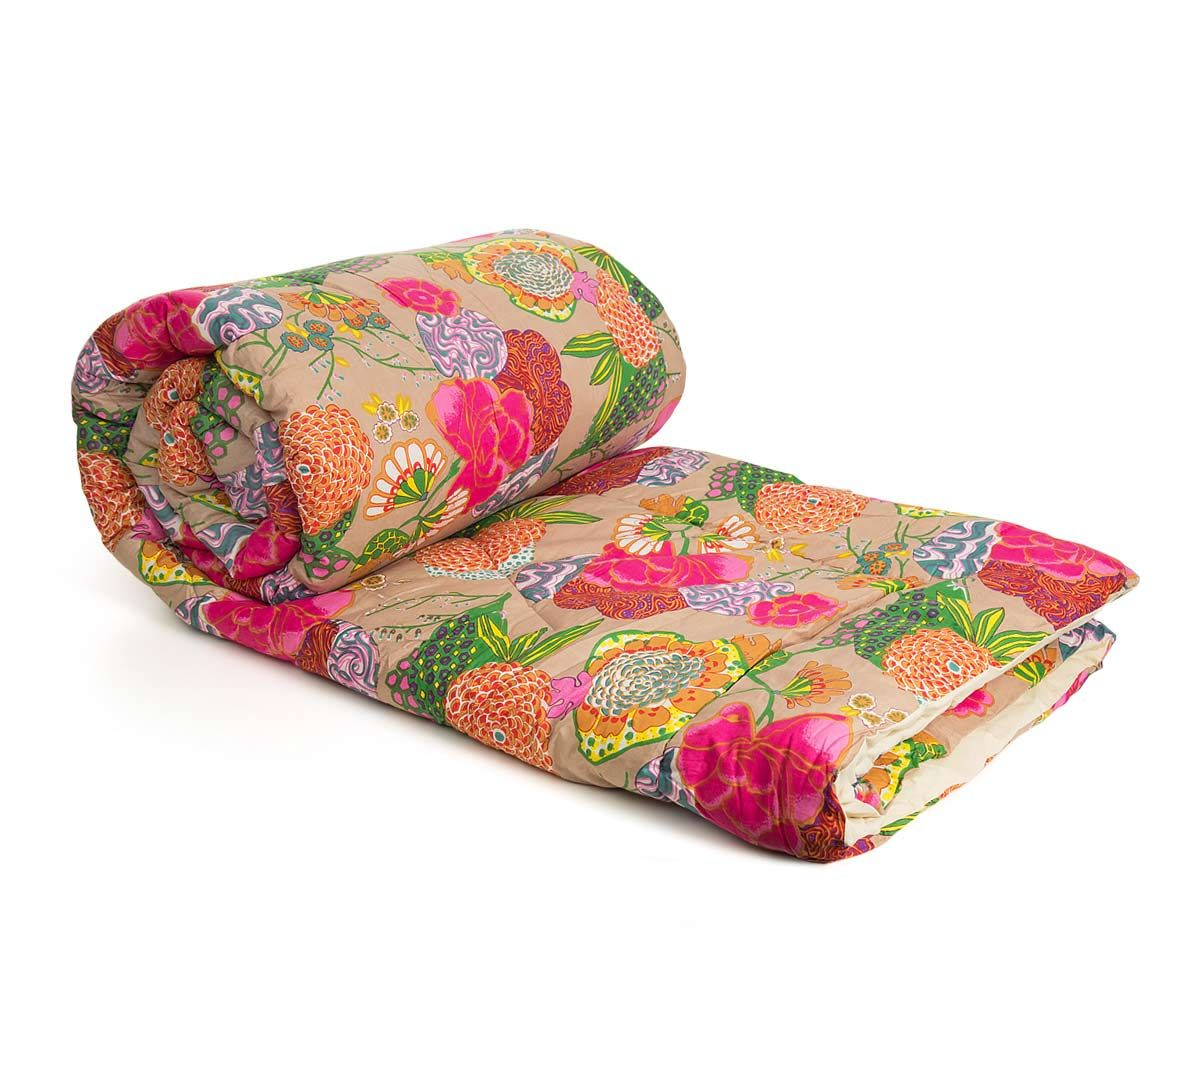 India Circus Phulari Cotton Quilt